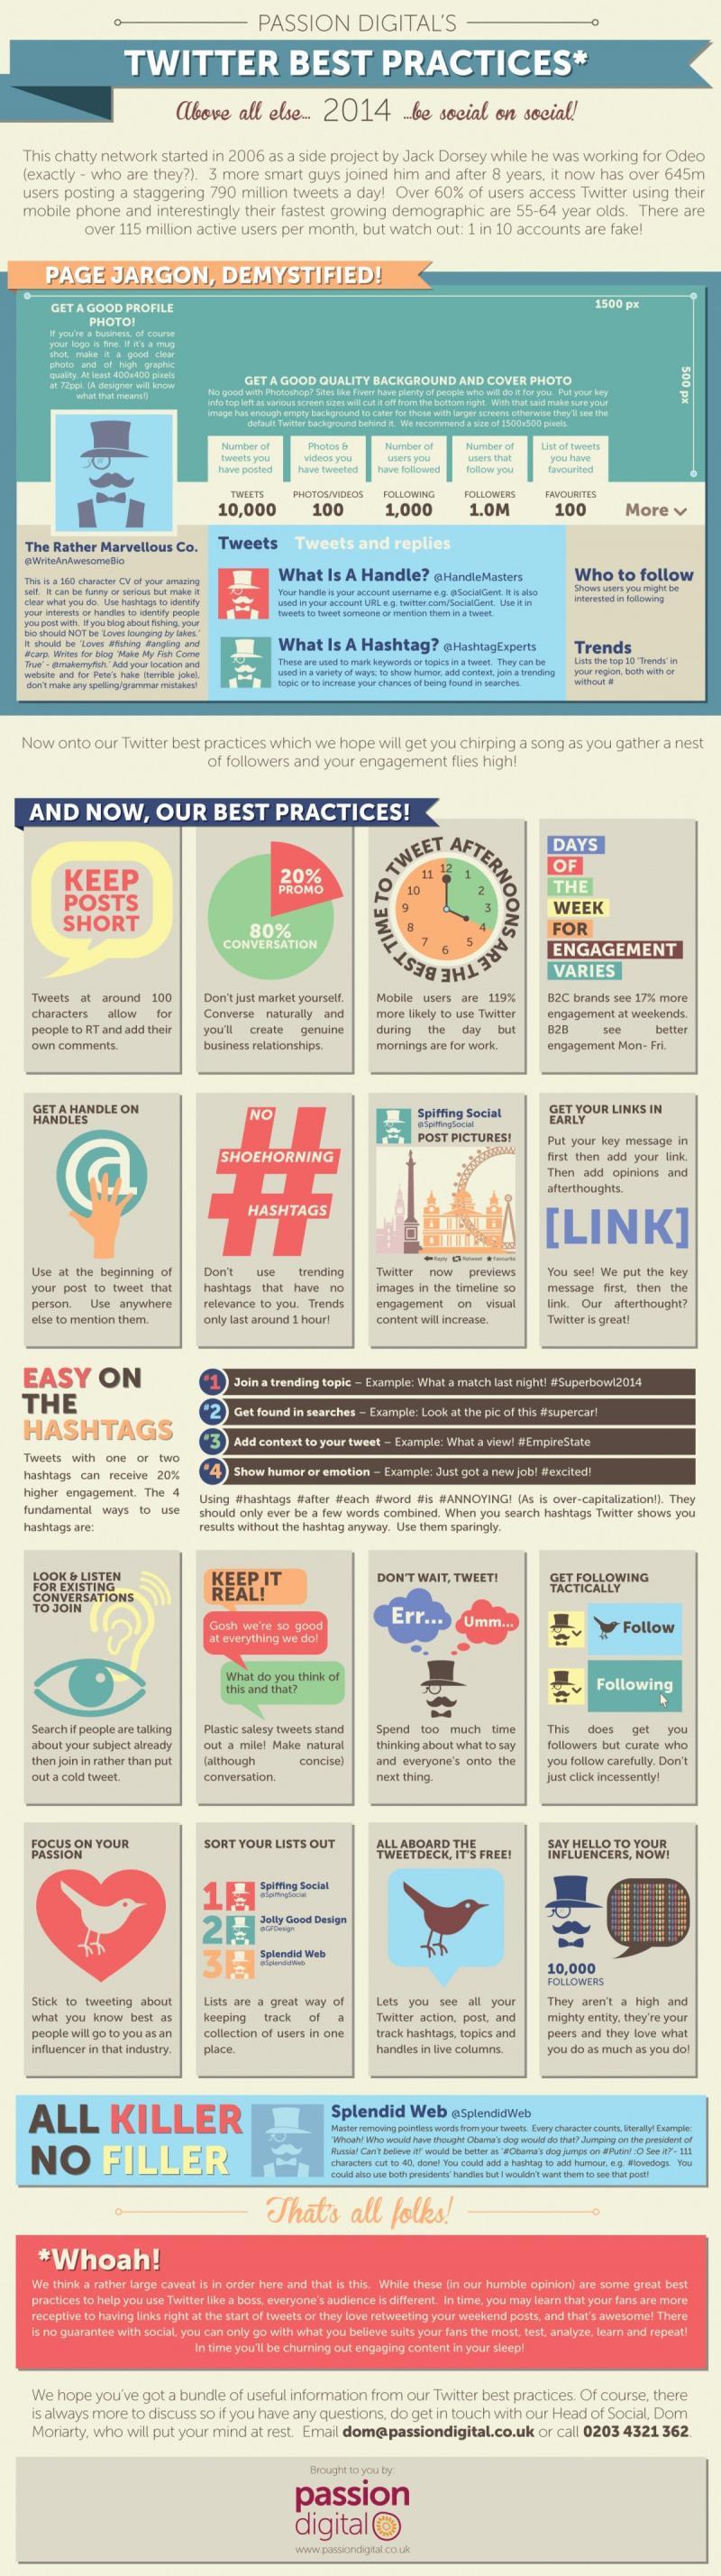 Best Practices in #Twitter 2014